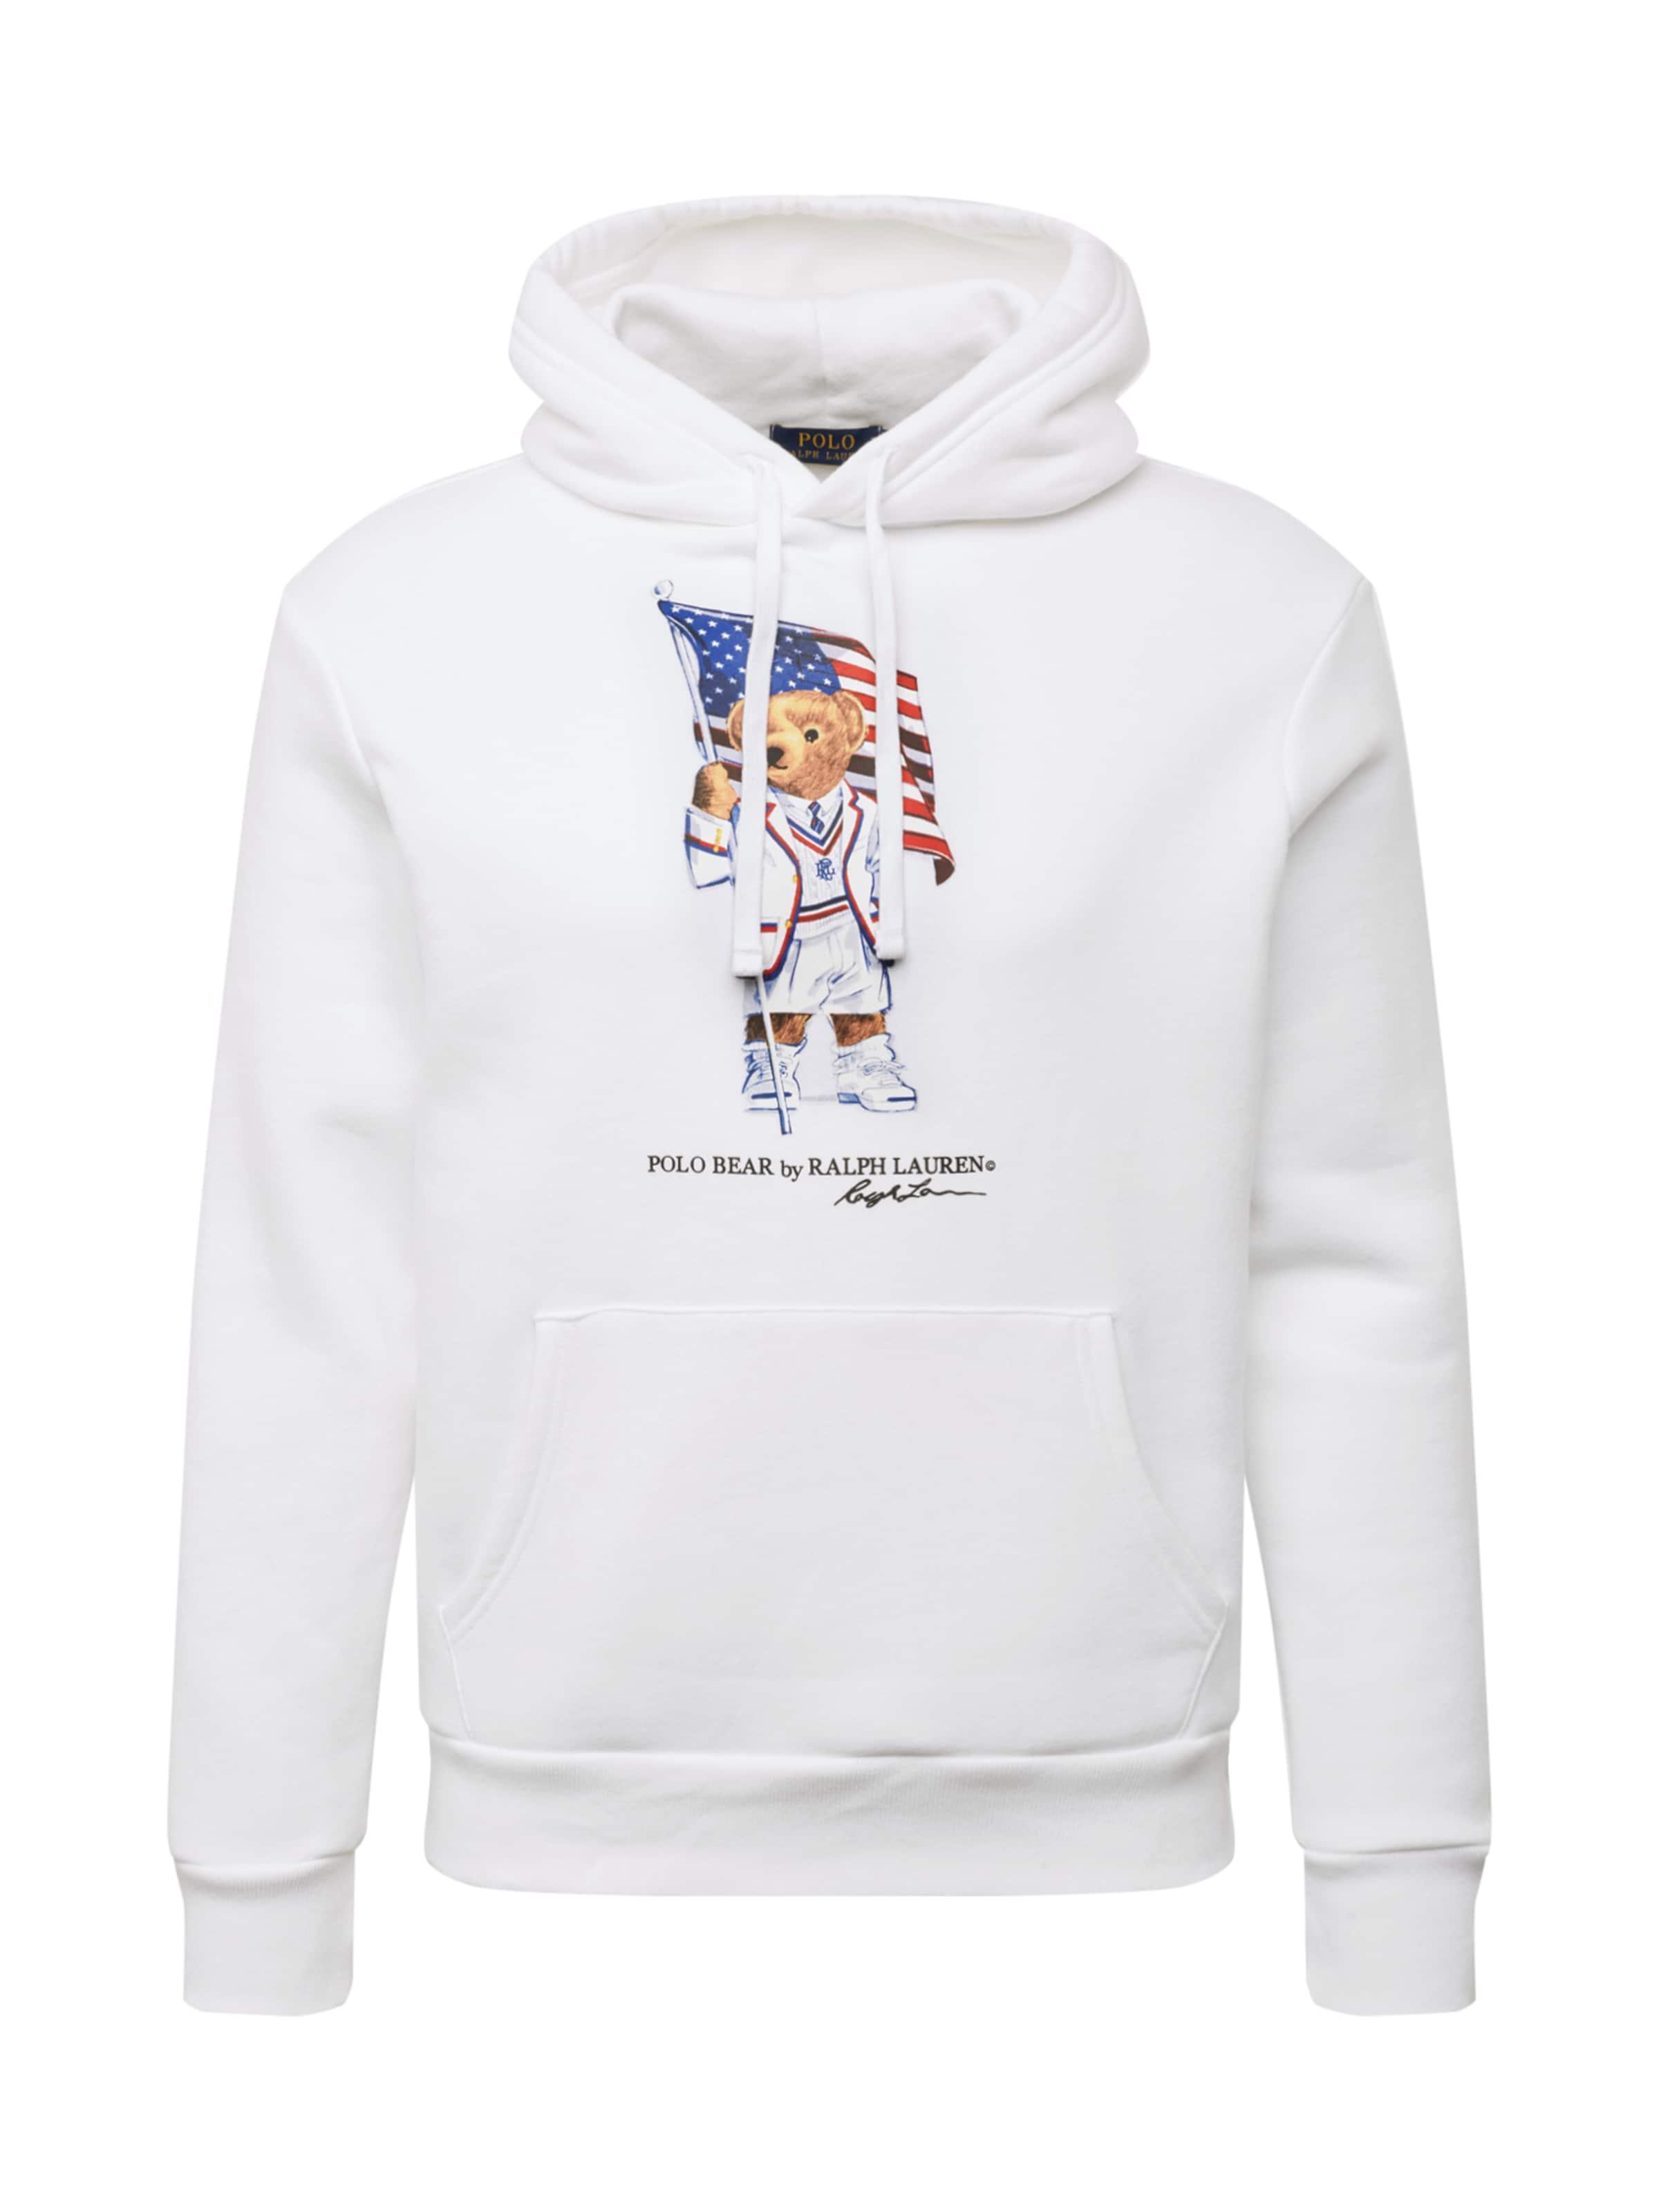 Sweat Polo Fleece' Ralph CouleursBlanc 'magic shirt Lauren En Mélange De UqSMzVLpG